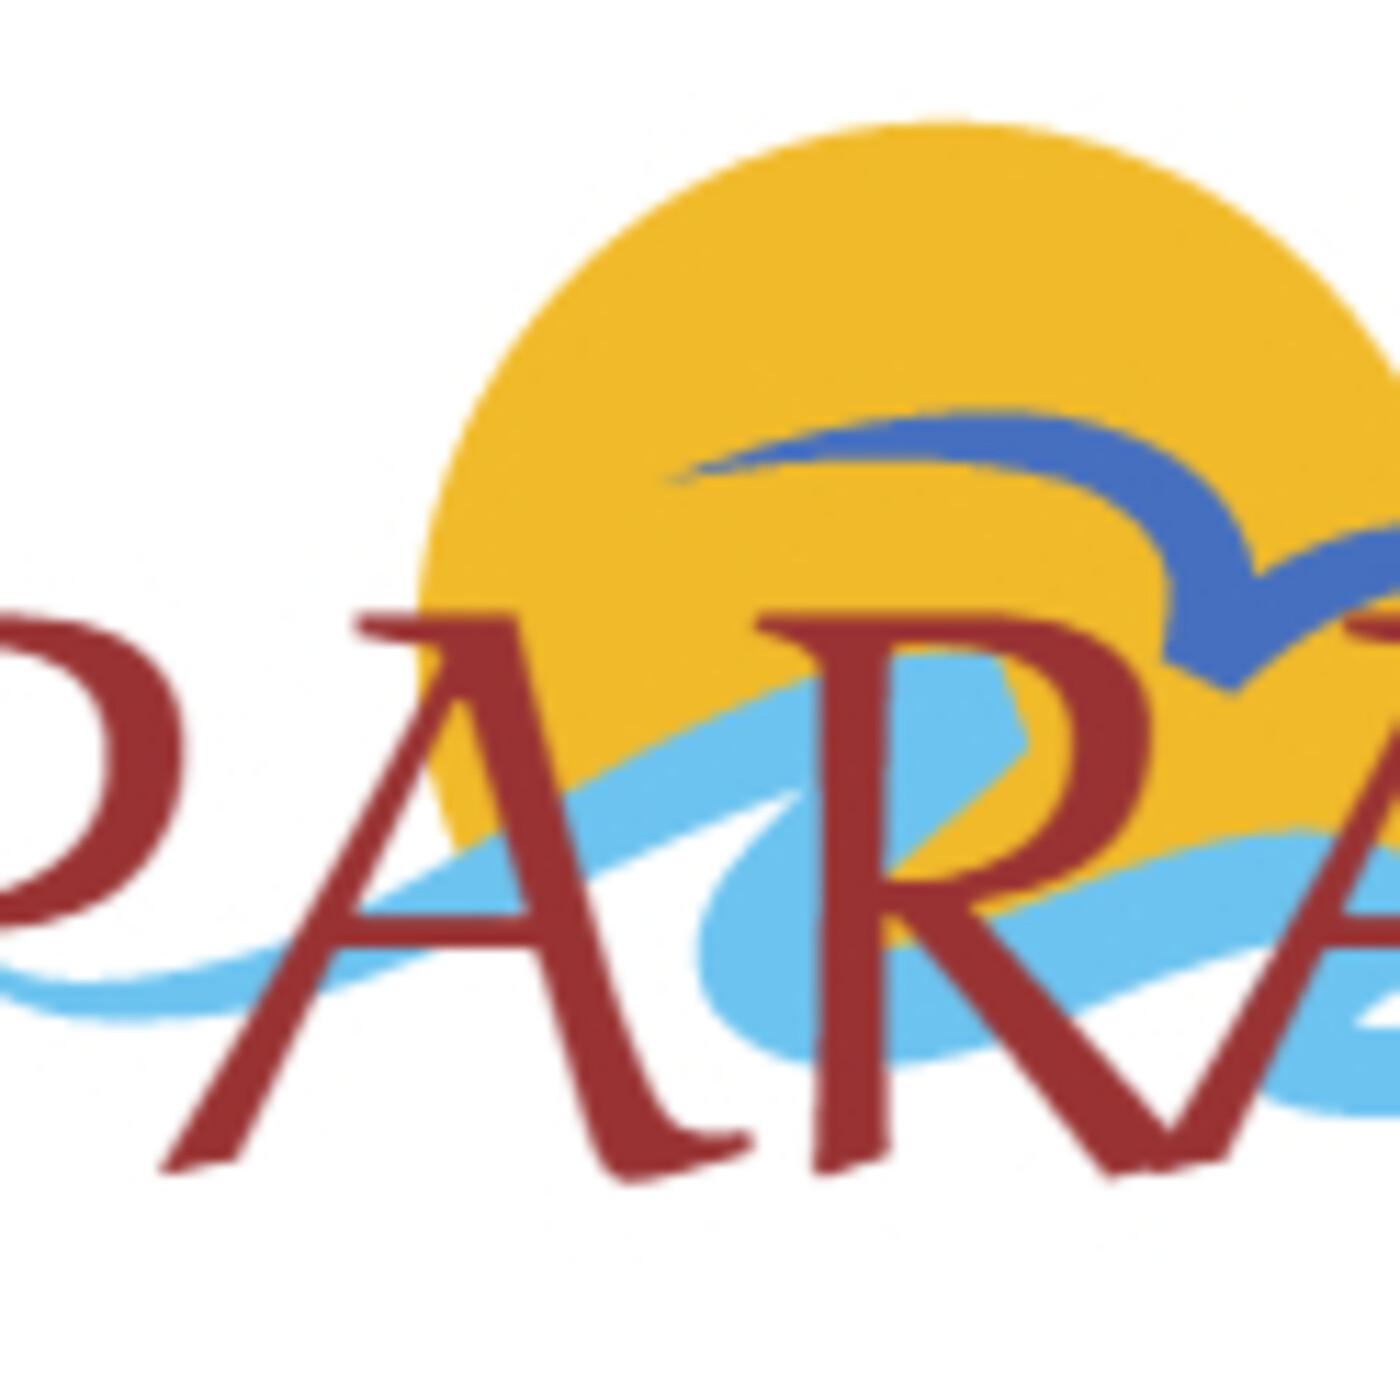 The Paradise Episodio 93A Final Temporada 2019-2020 - 24-07-2020